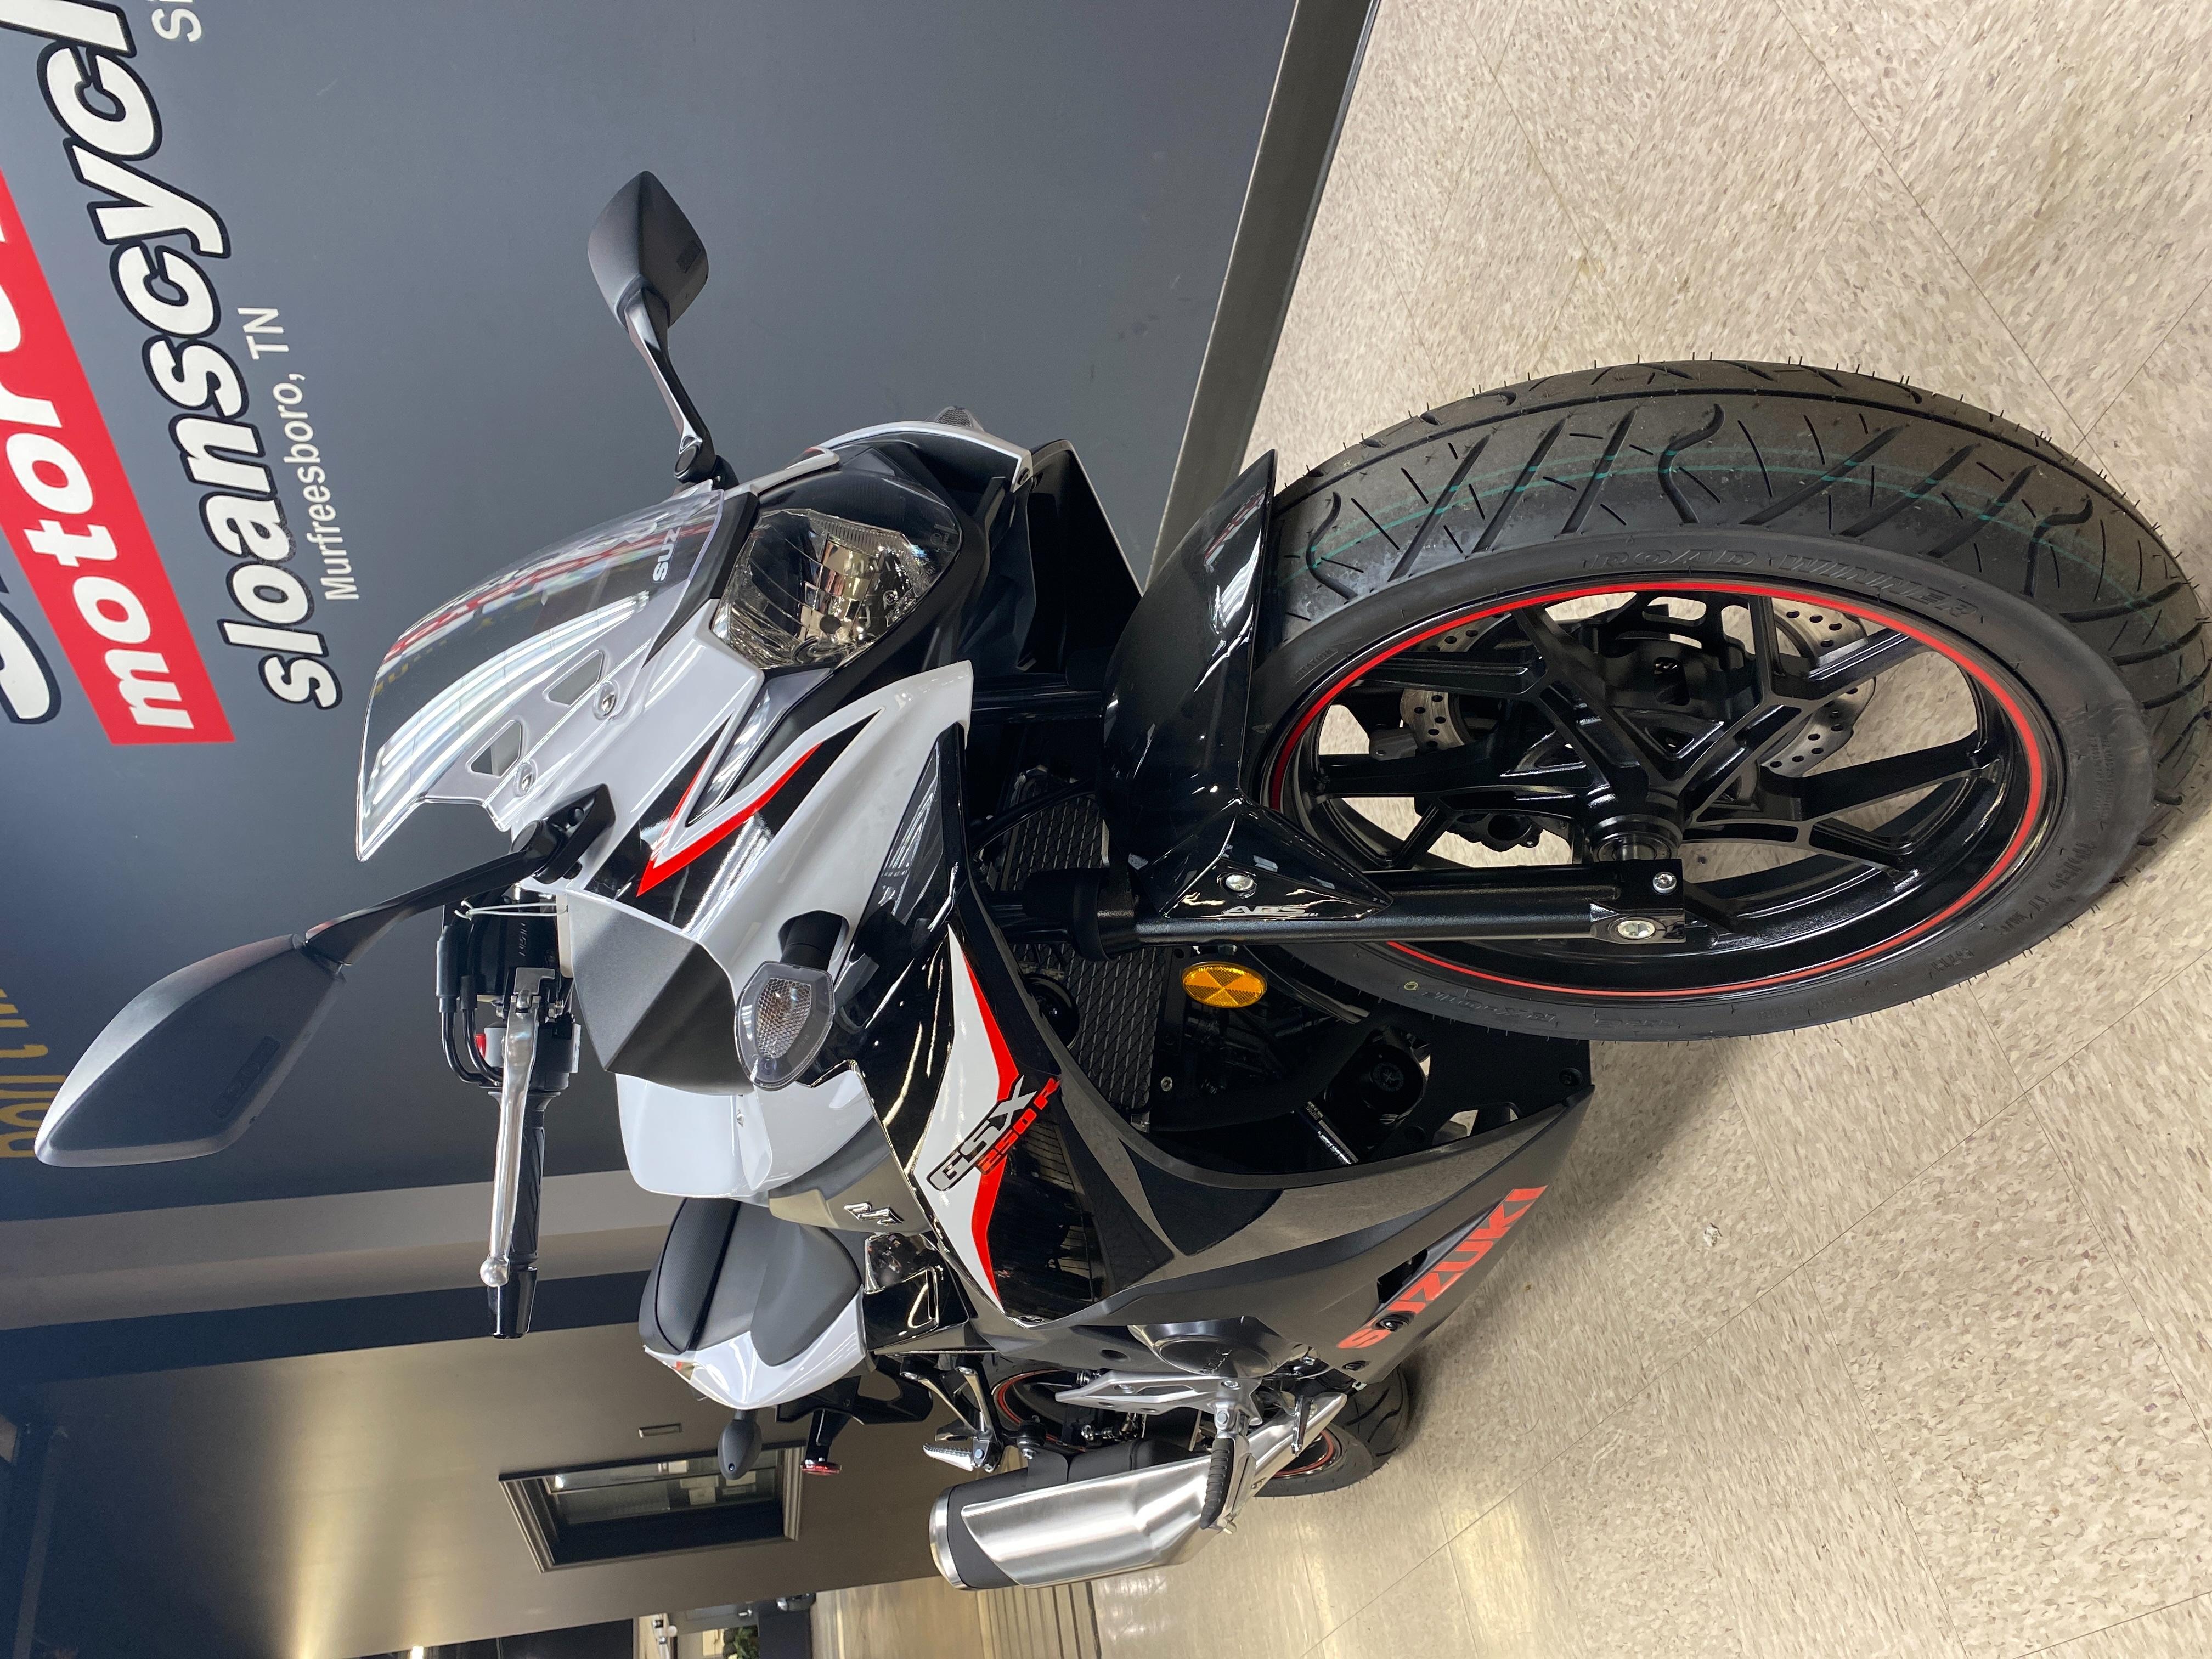 2021 Suzuki GSX 250R ABS at Sloans Motorcycle ATV, Murfreesboro, TN, 37129